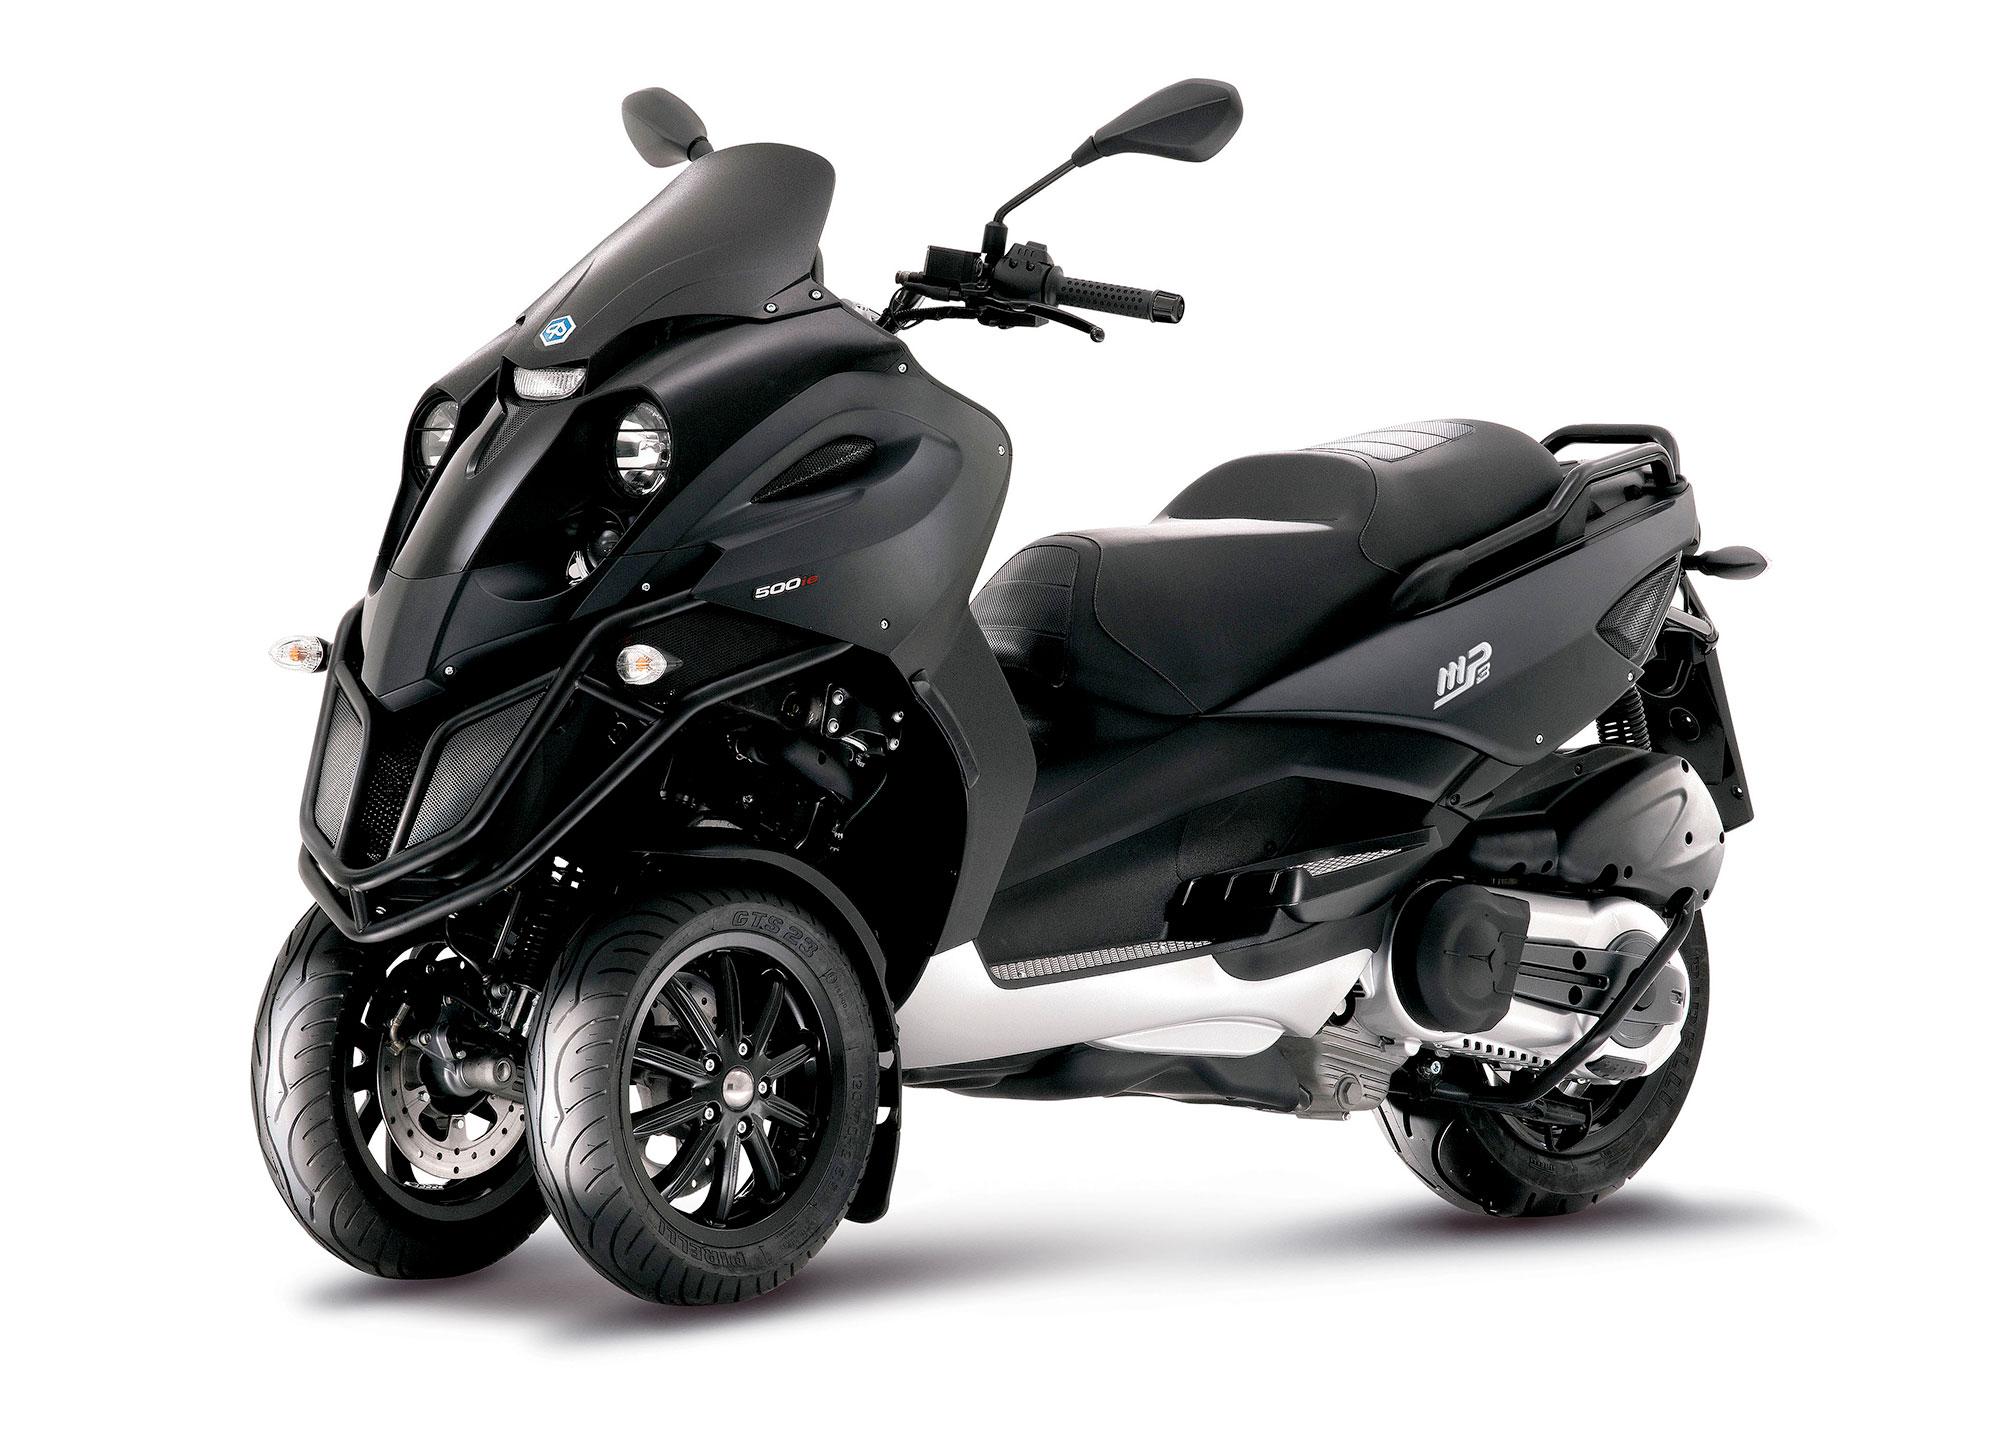 piaggio x10 500 specs - 2012, 2013 - autoevolution